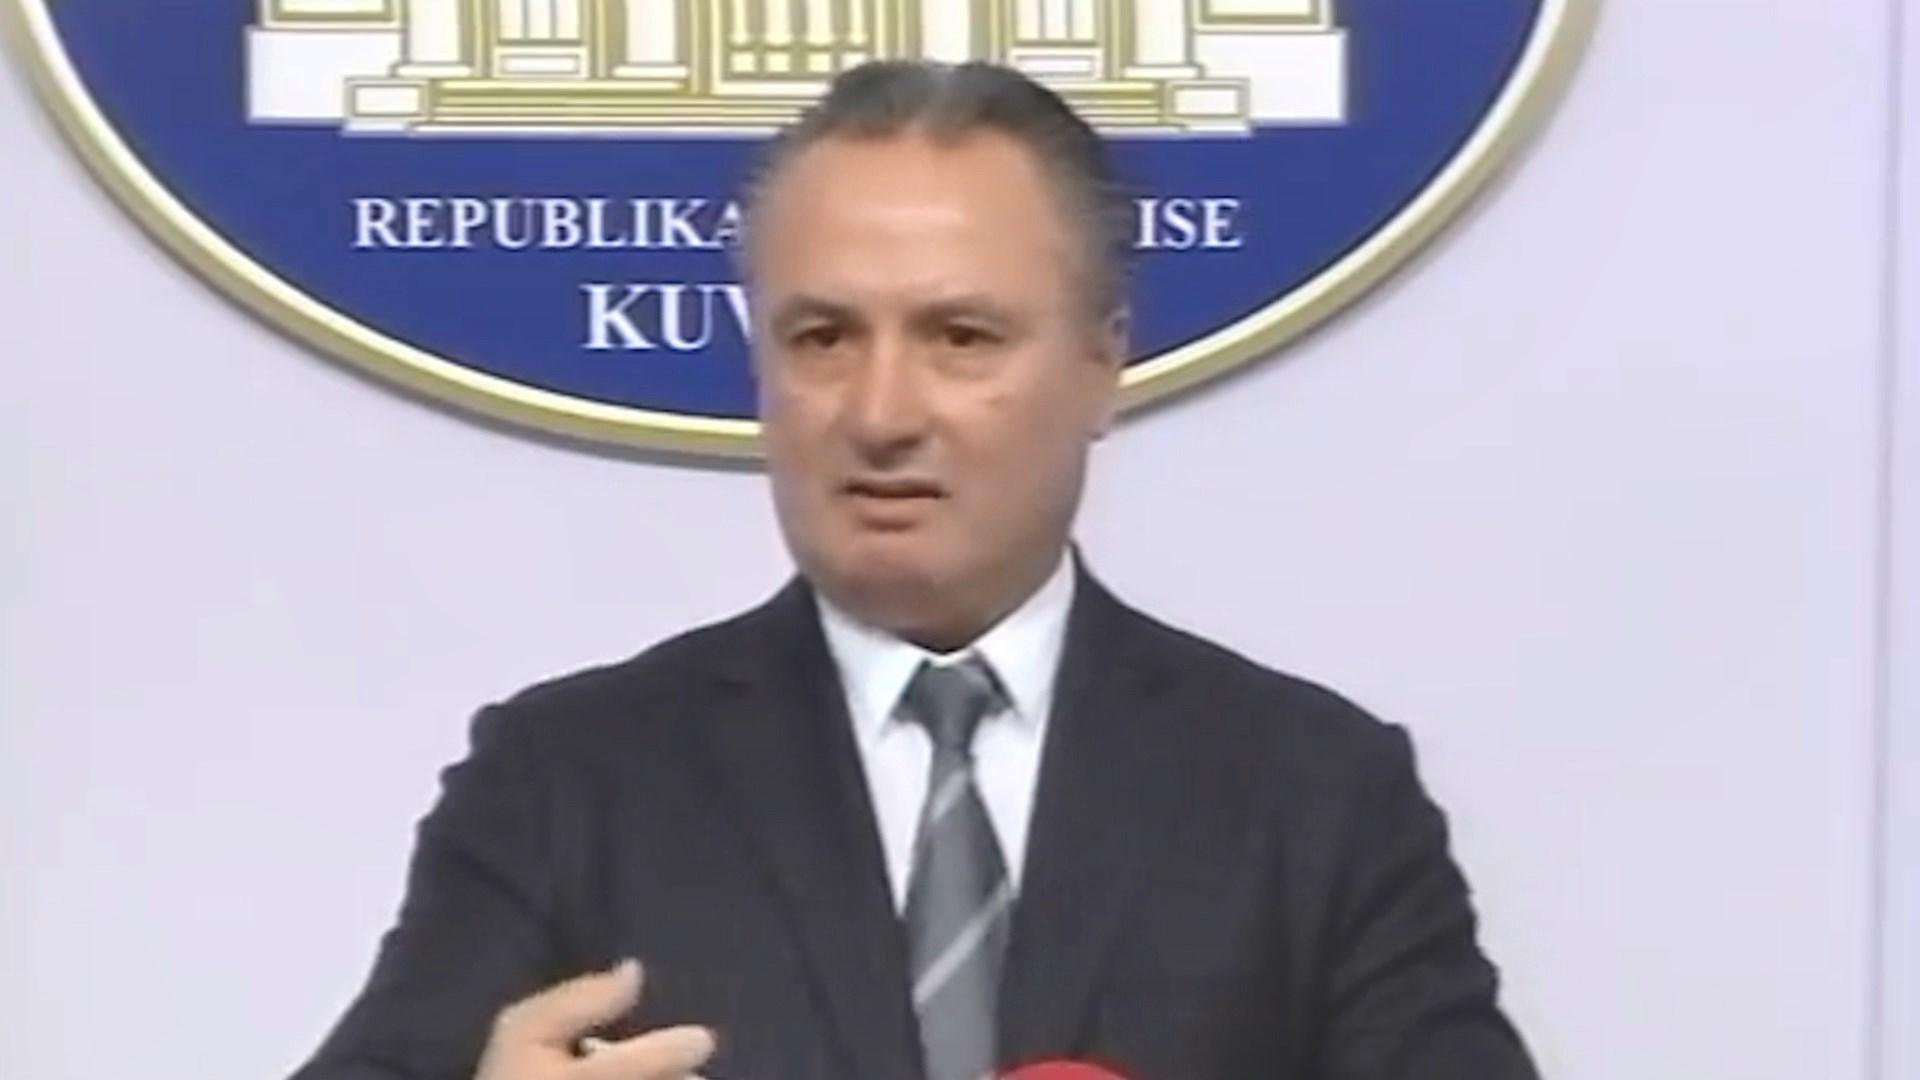 """Ish-deputeti Shkëlqim Selami në gjyq për """"falsifikim dokumentash"""""""